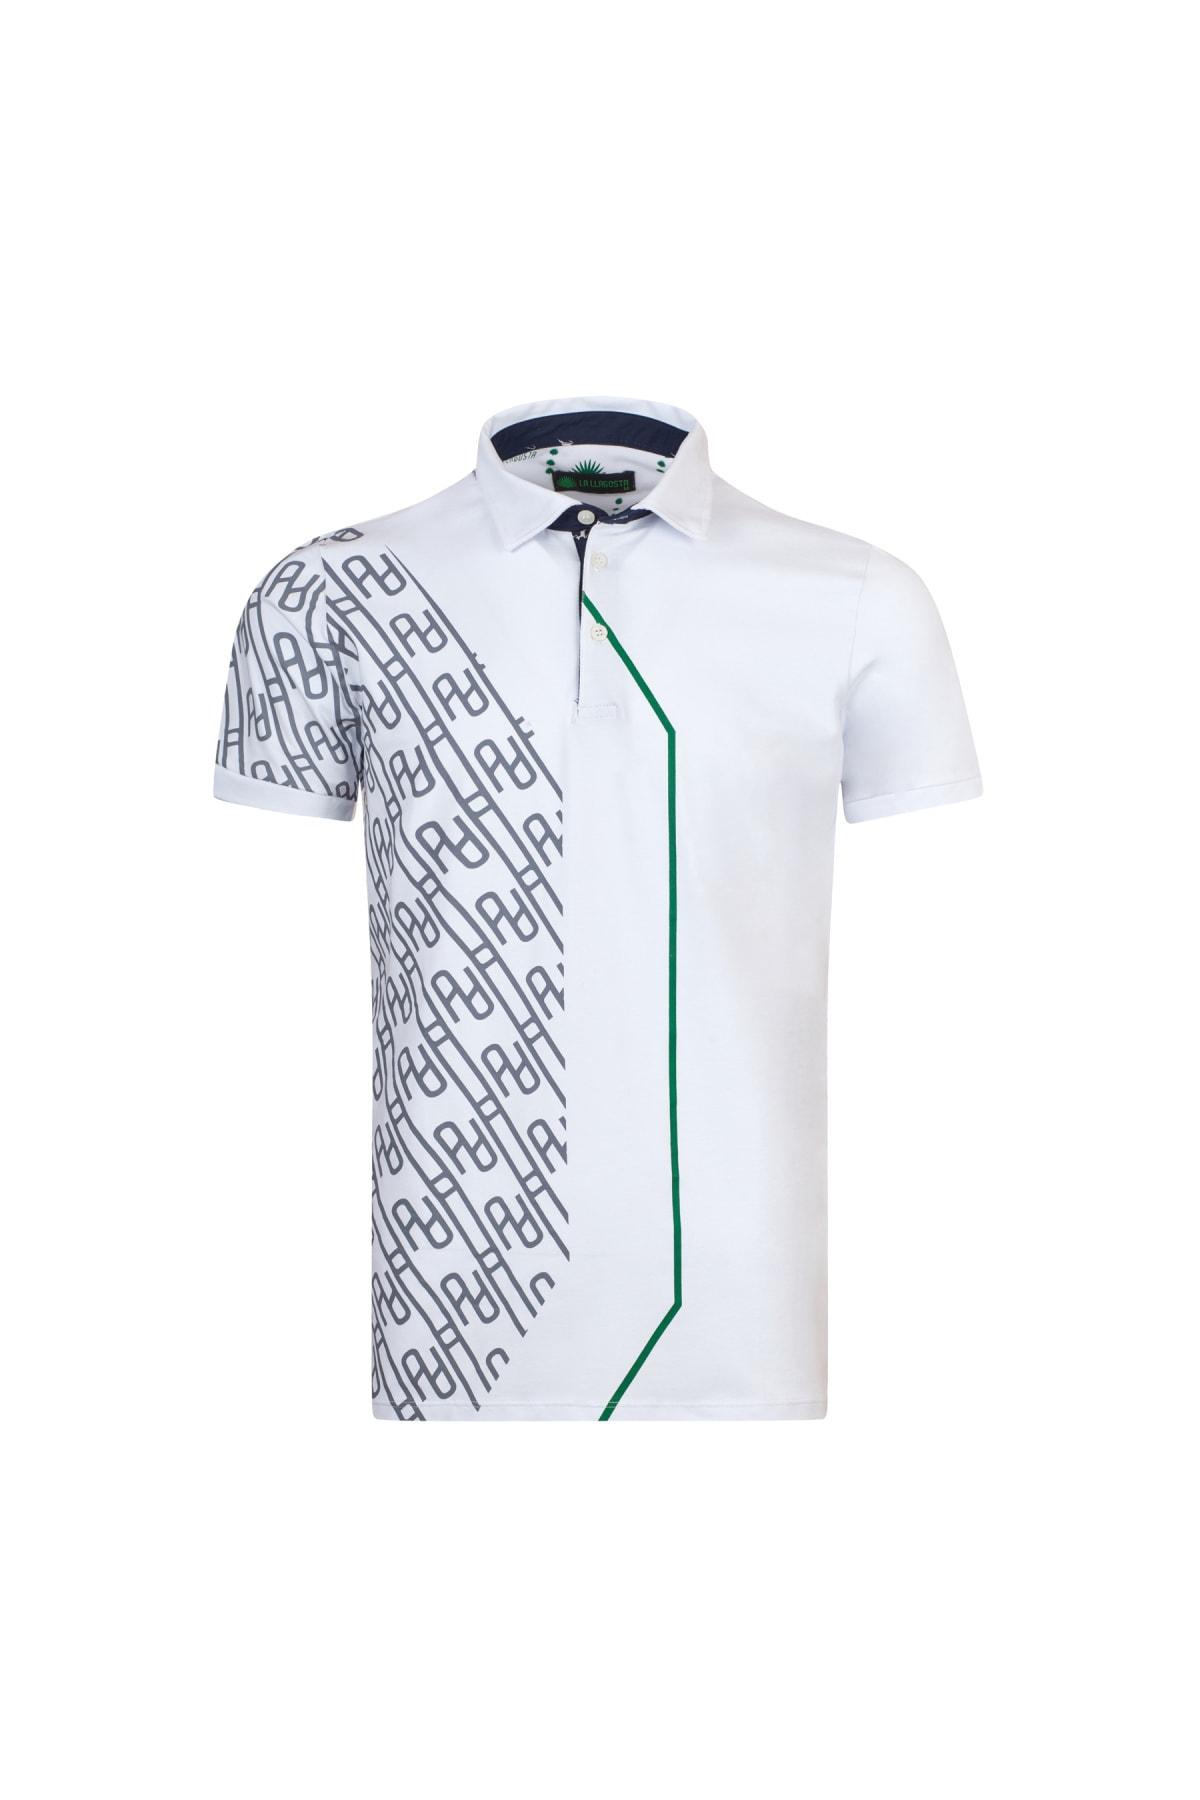 LAYYAGOSTA Erkek Beyaz Polo Yaka T-shirt 1